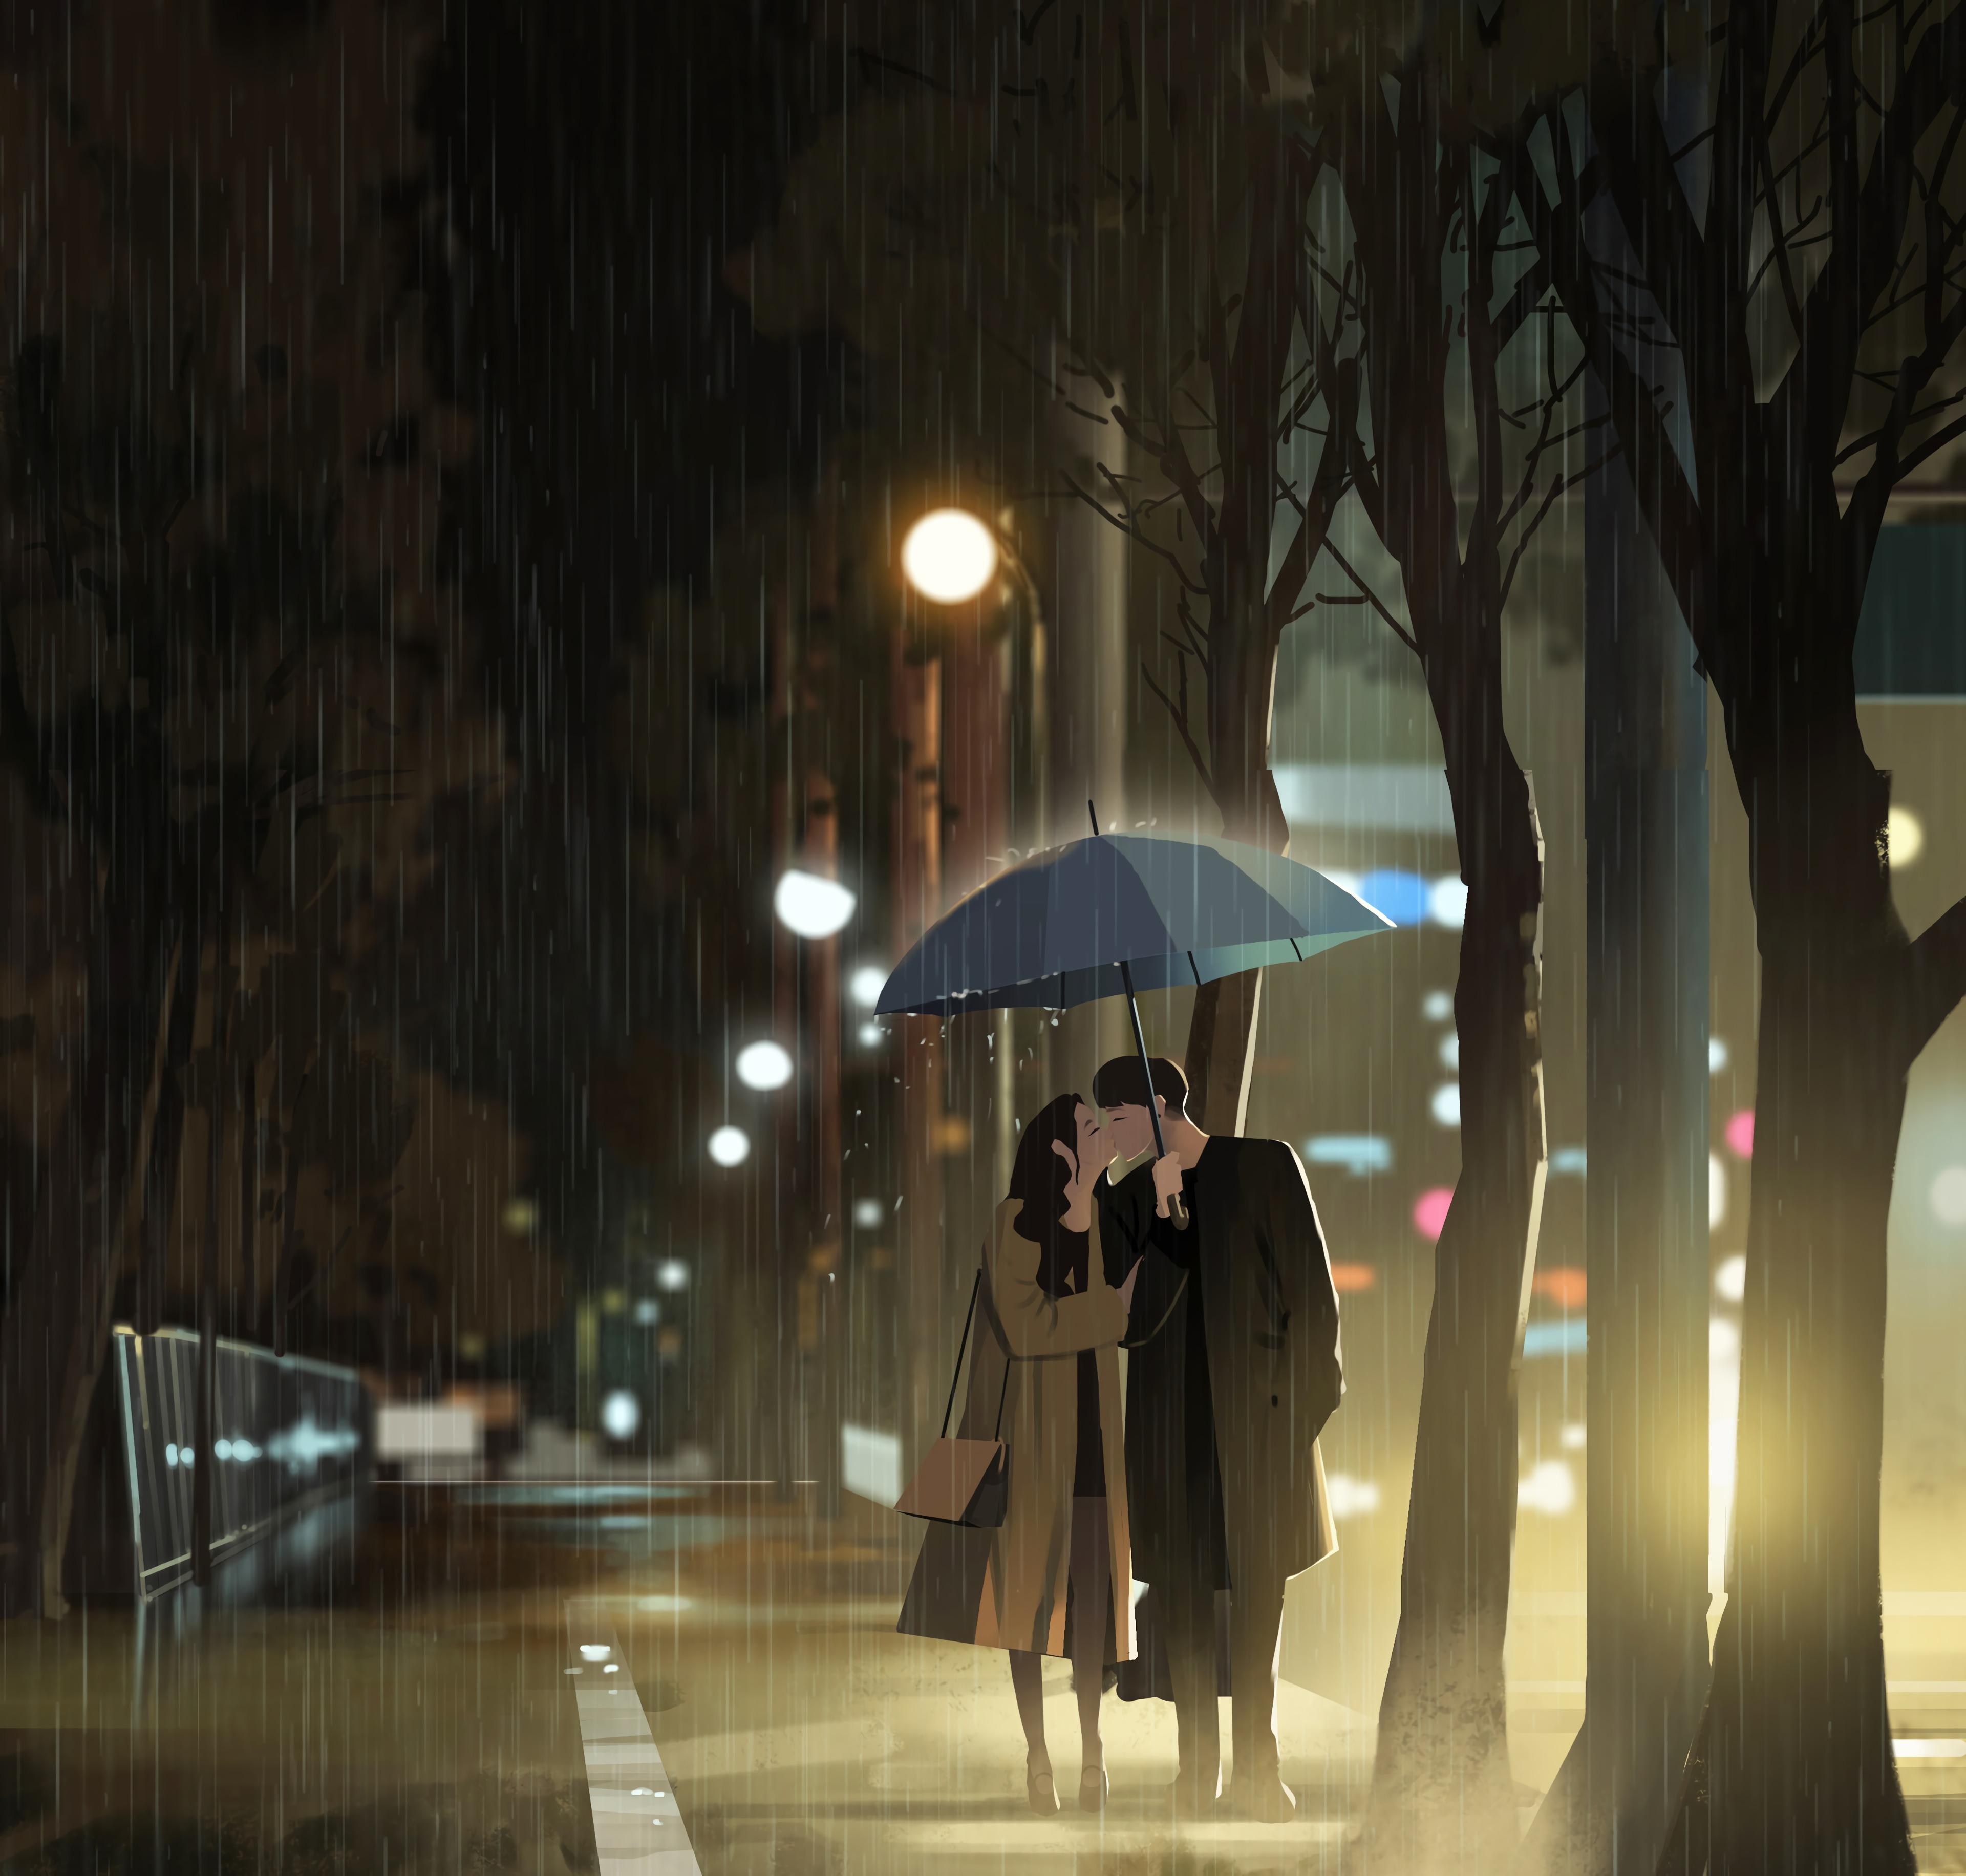 140300 Заставки и Обои Любовь на телефон. Скачать Любовь, Поцелуй, Дождь, Арт картинки бесплатно